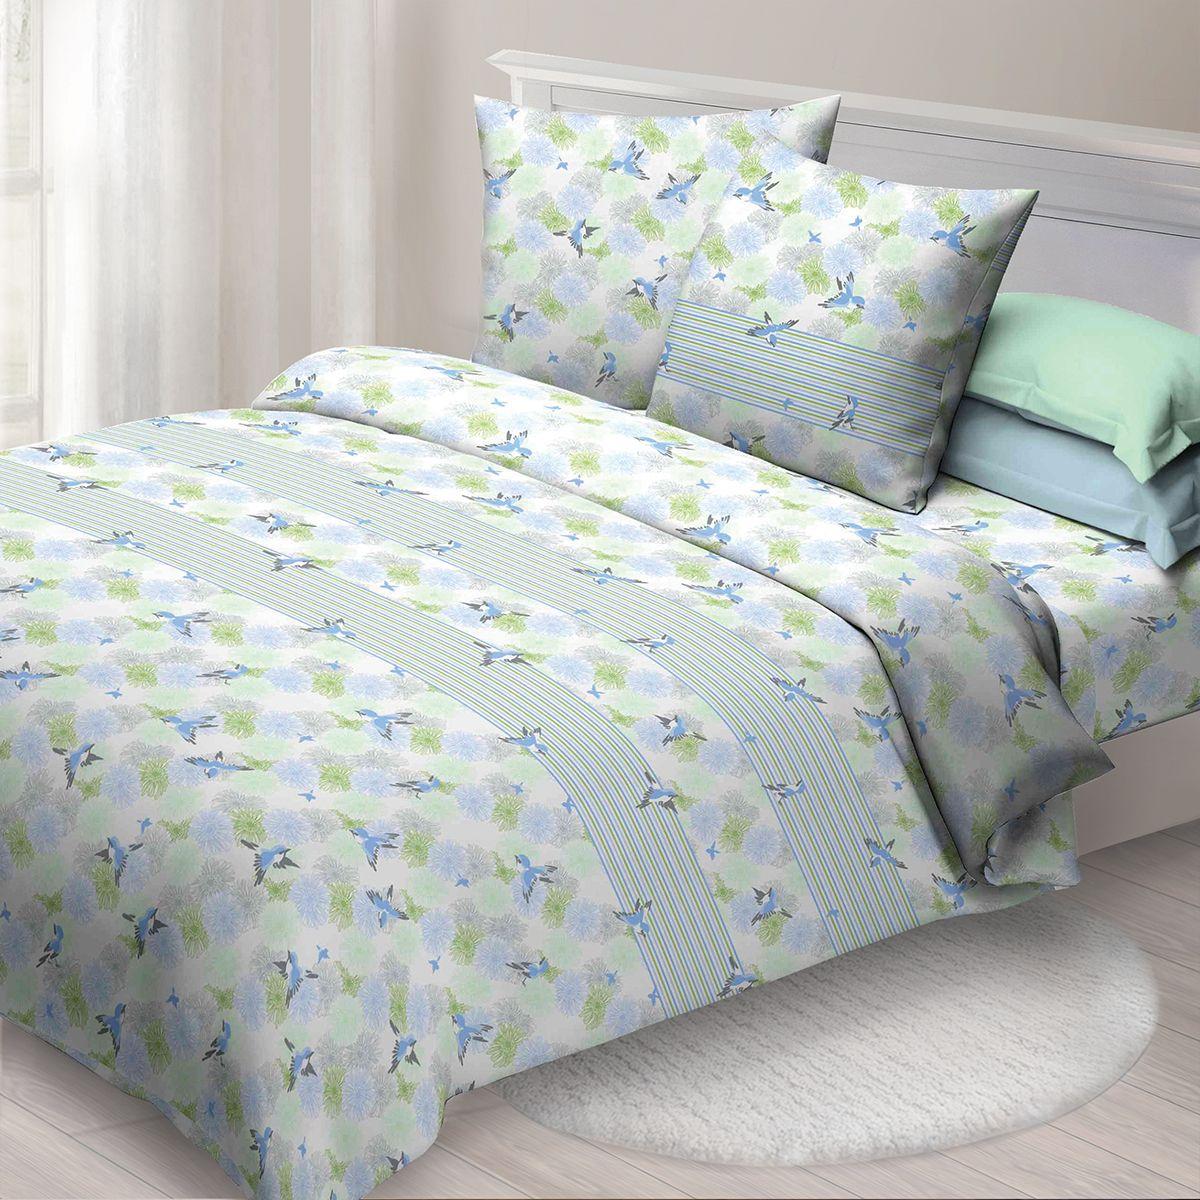 Комплект белья Спал Спалыч Ариана, семейный, наволочки 70x70, цвет: голубой. 4085-284207